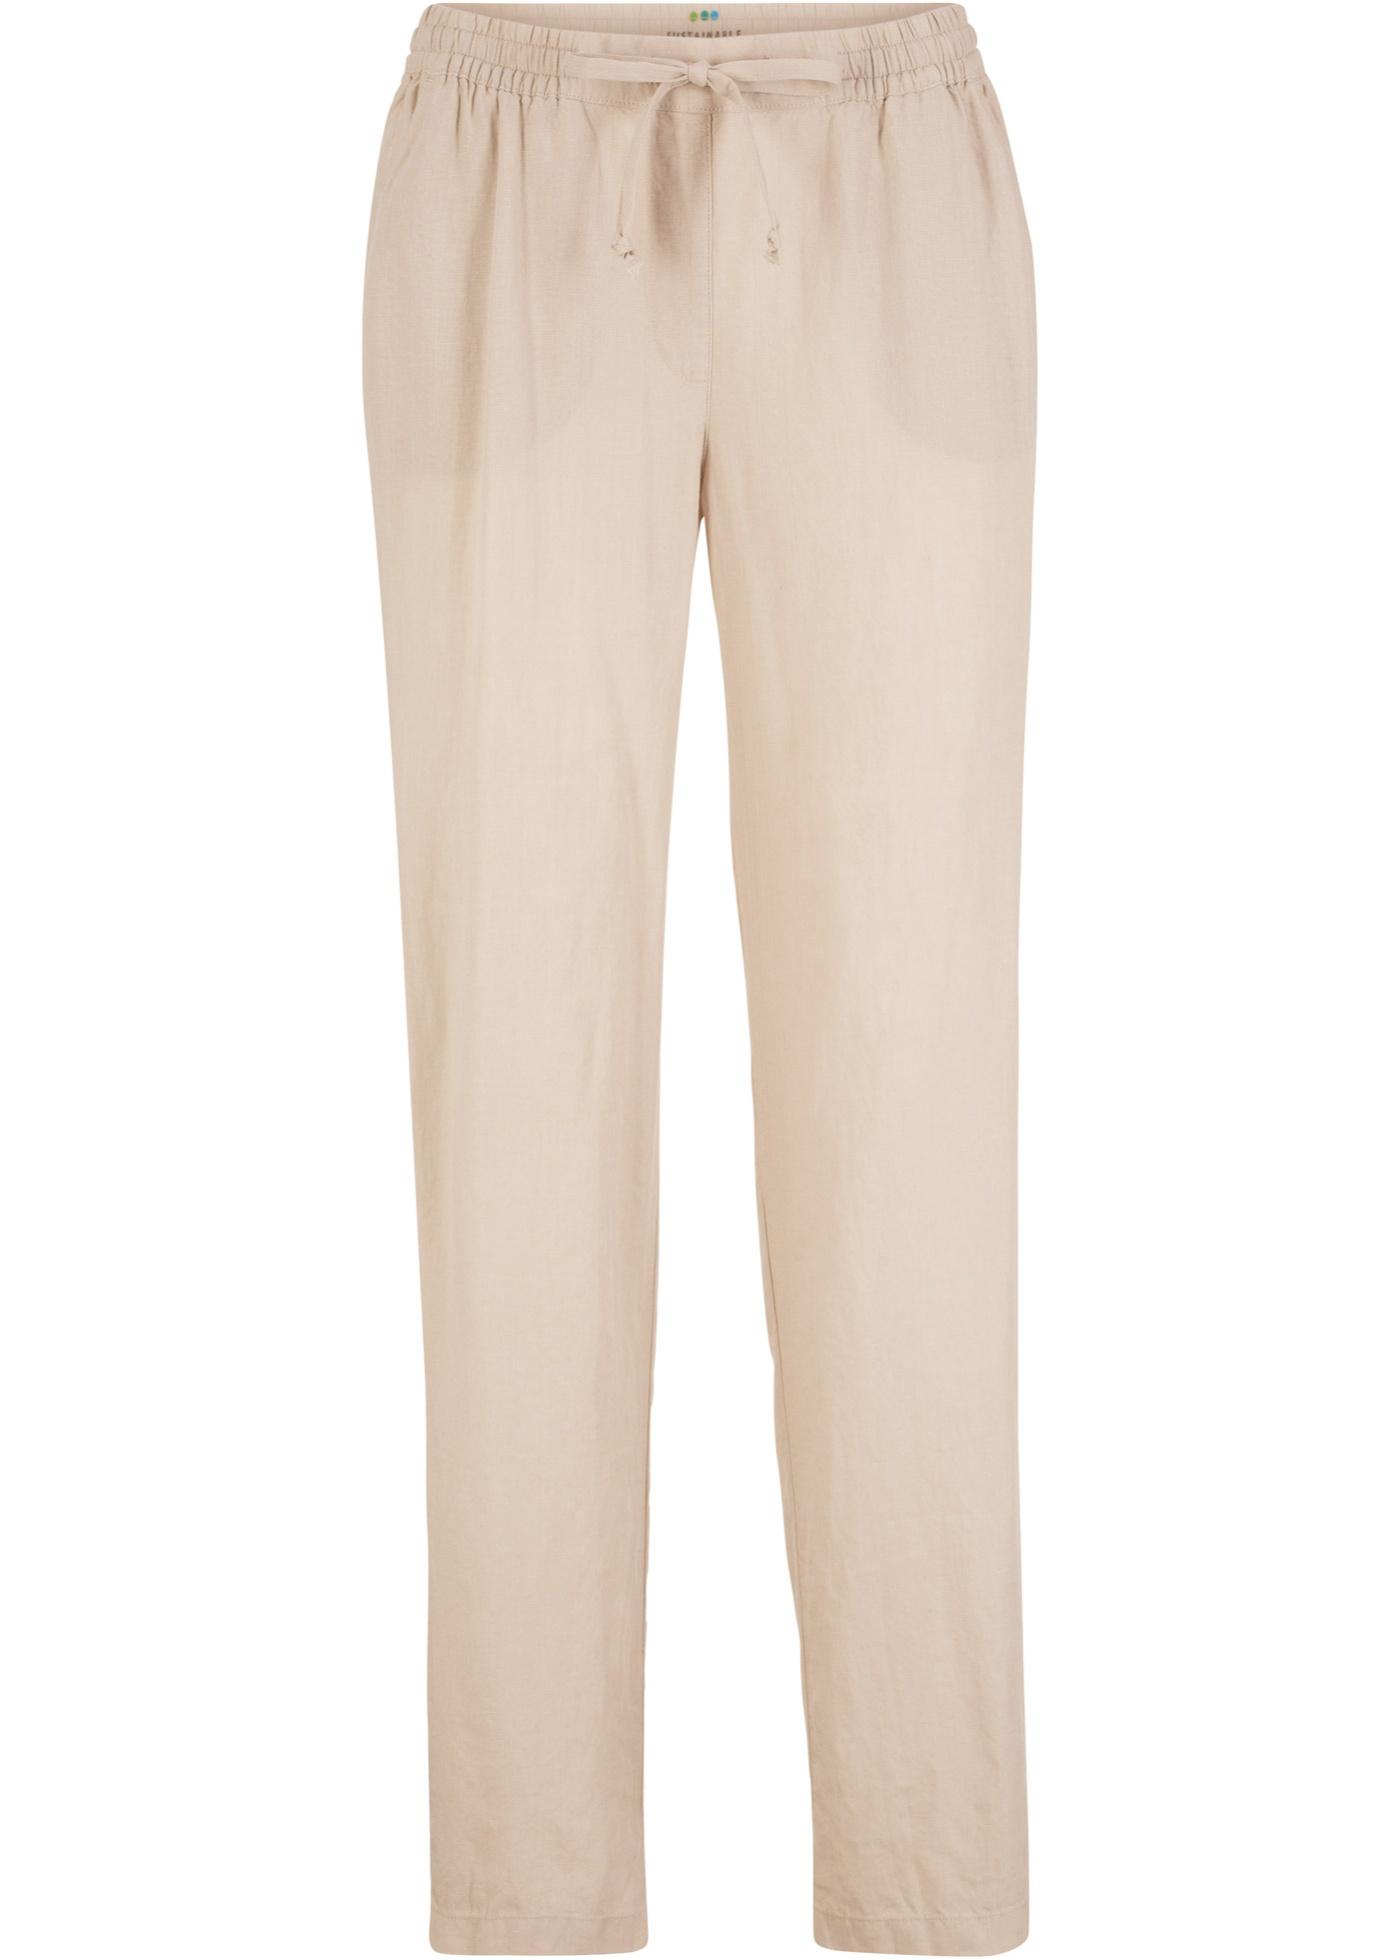 Pantalon éco responsable en lyocell-lin